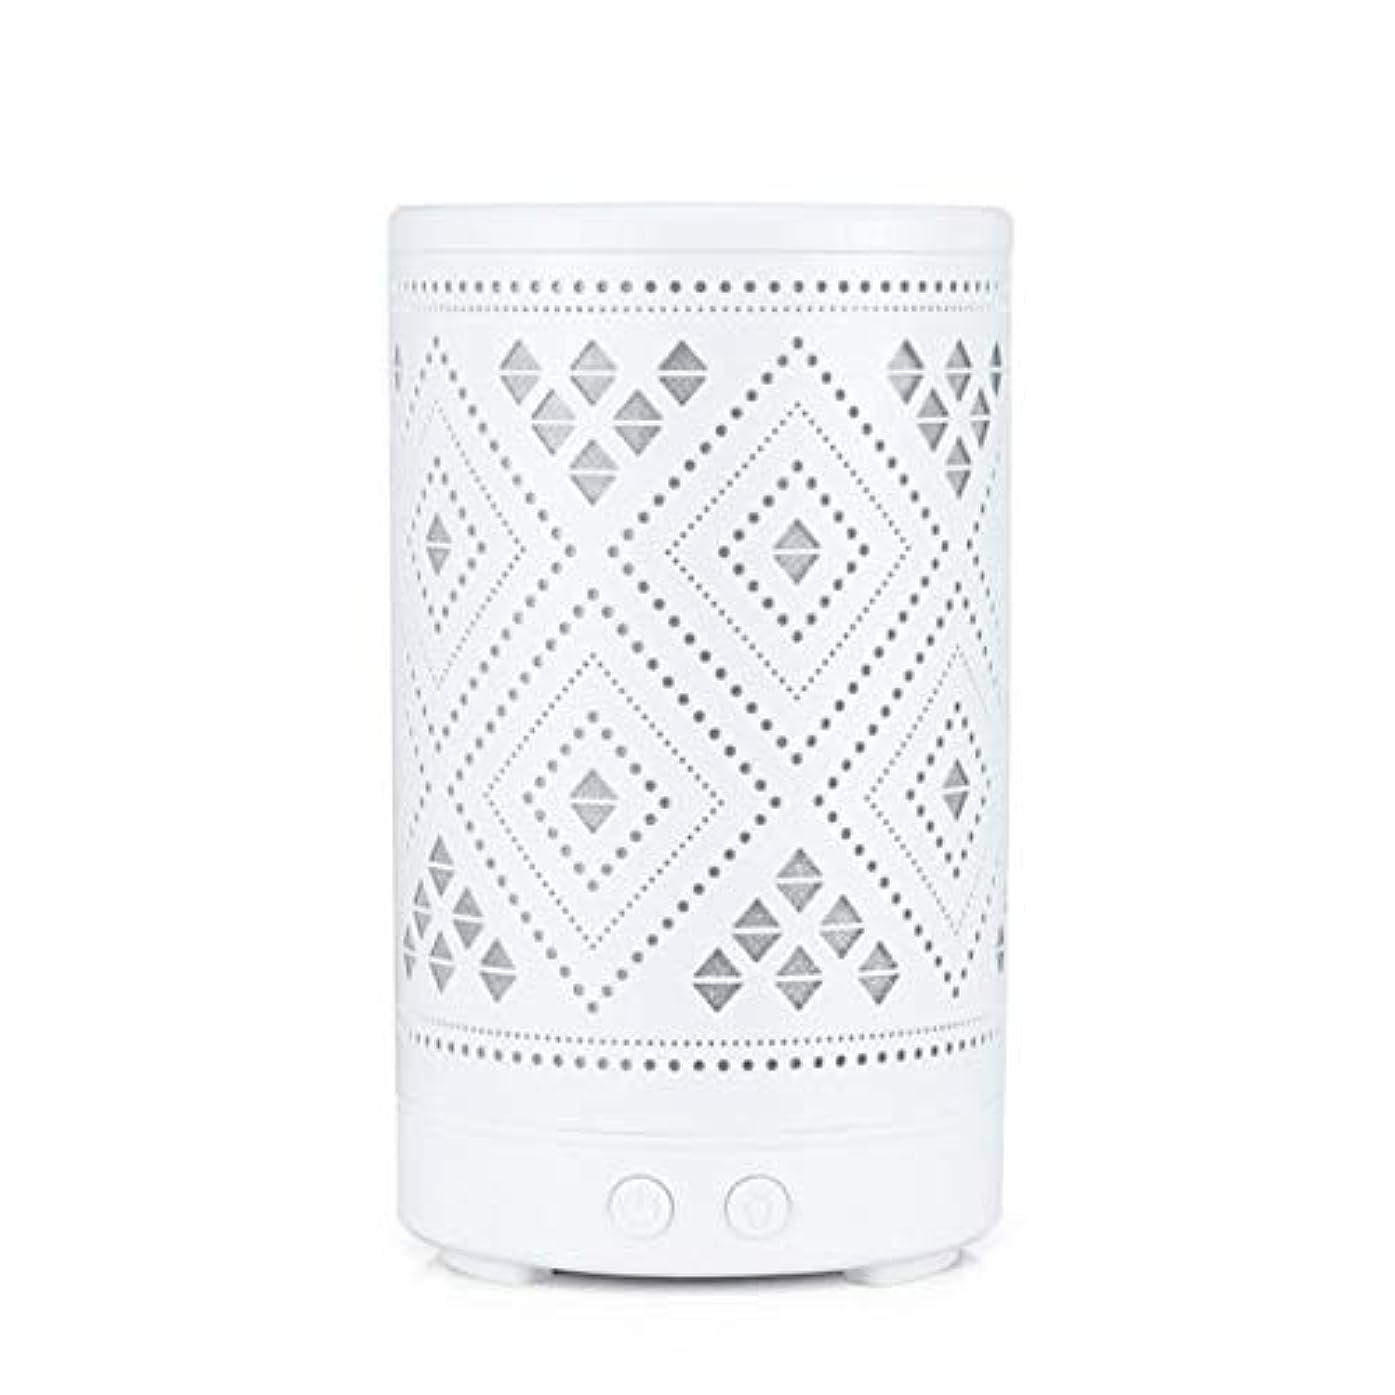 一掃する連想ハーフクラシック ミニ 中空 加湿器,涼しい霧 7 色 デスクトップ 加湿機 精油 ディフューザー アロマネブライザー Yoga ベッド 寮- 100ml